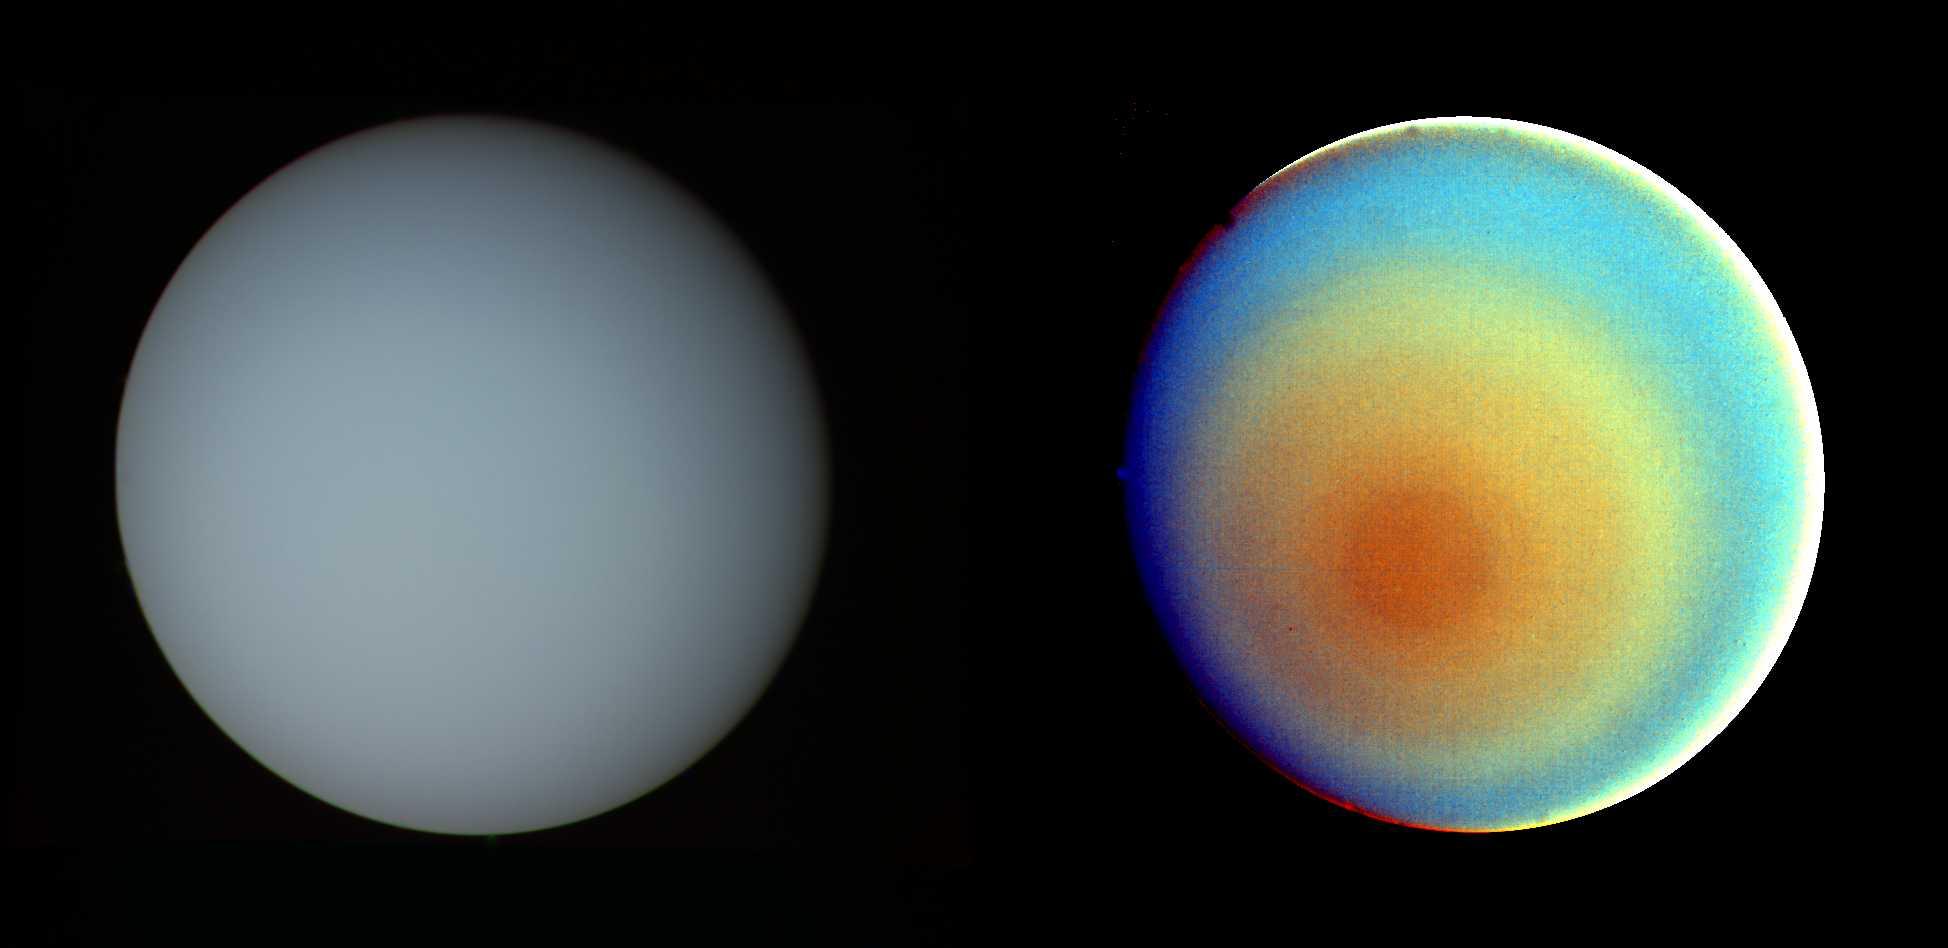 Uranus in True and False Color